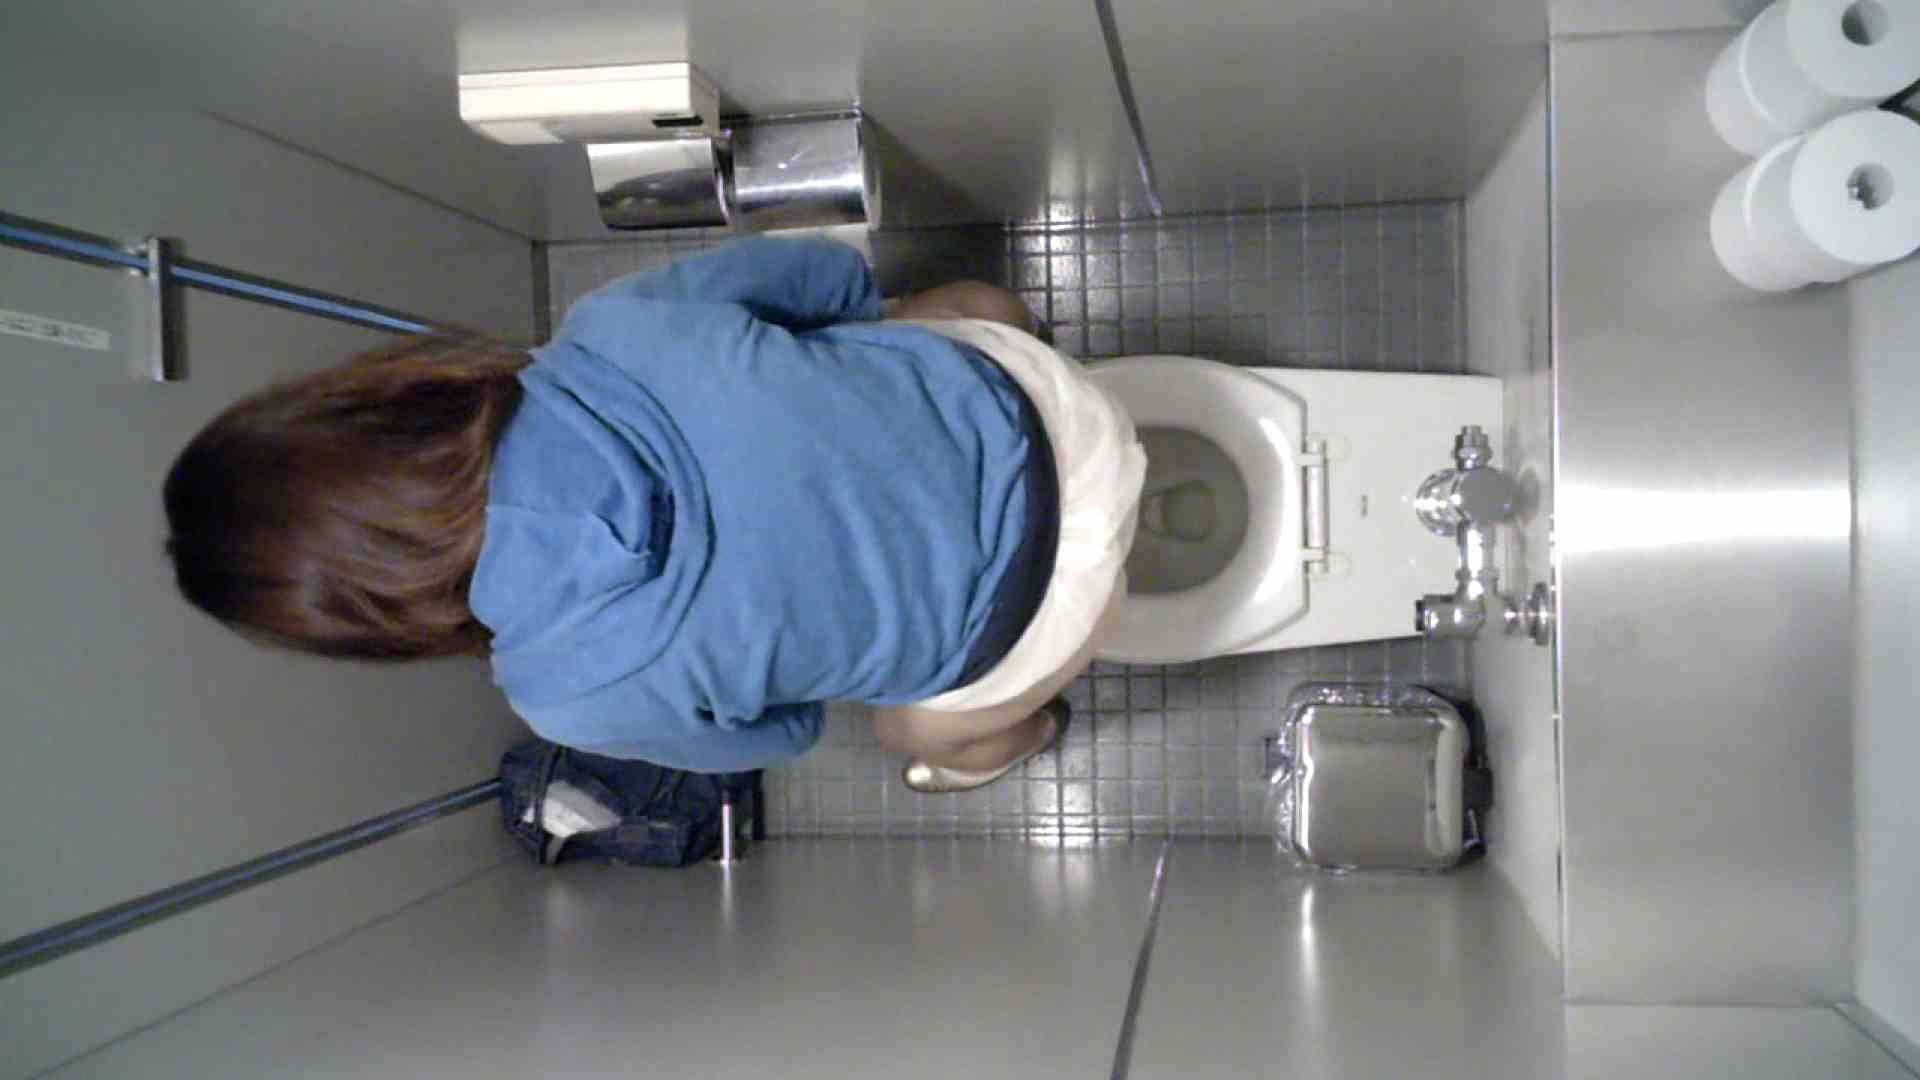 有名大学女性洗面所 vol.39 スッゴクド派手な勝負パンツ!1名+7名 洗面所 盗撮ヌード画像 107画像 3